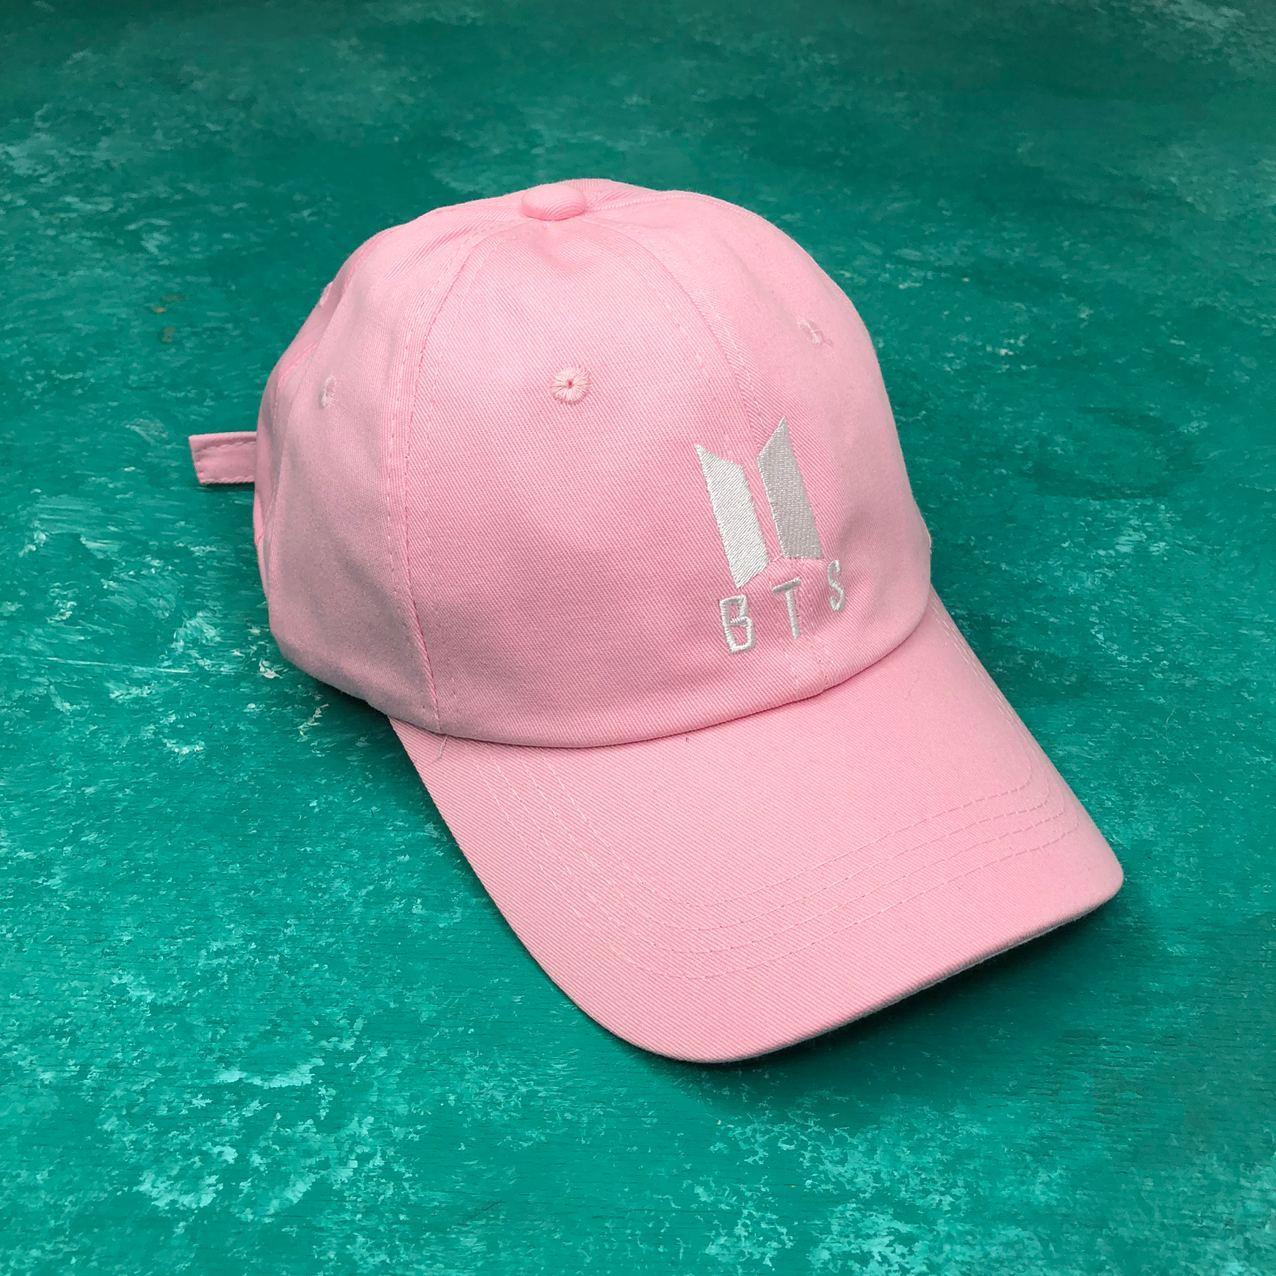 Кепка Бейсболка Мужская Женская City-A K-Pop BTS Розовая